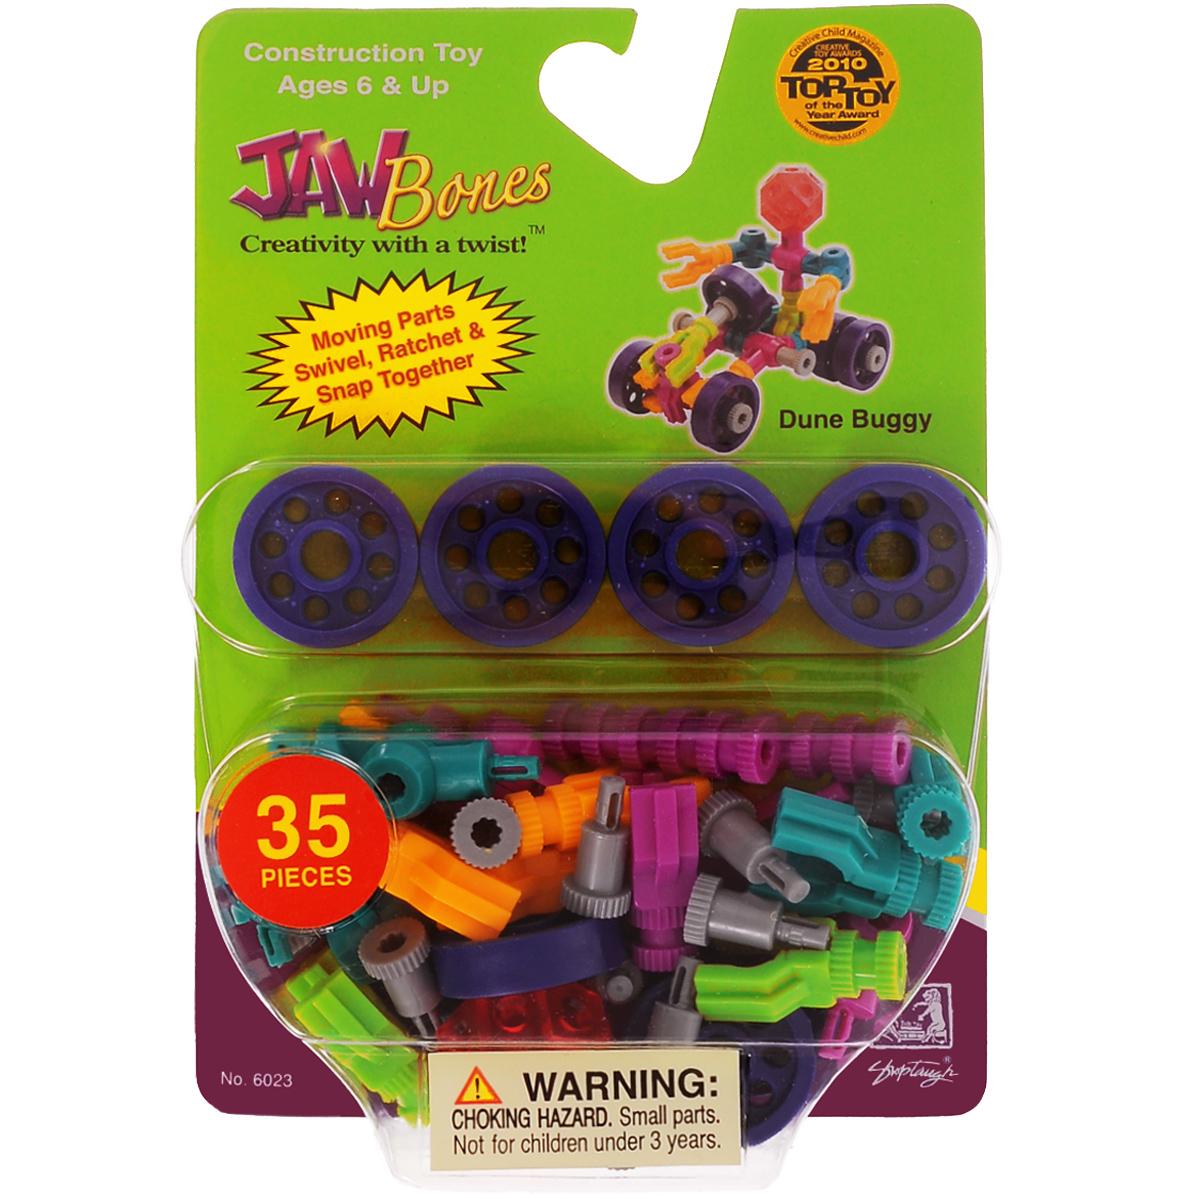 Jawbones Конструктор Пустынный багги 60236023Новый развивающий конструктор Jawbones непременно понравится вашему ребенку! При помощи красочных деталей, с уникальным креплением, можно собрать машинку багги в оригинальном и неповторимом стиле. Конструктор состоит из 35 элементов разного размера, цвета и назначения. Ваш ребенок с удовольствием будет играть с конструктором, придумывая различные истории.